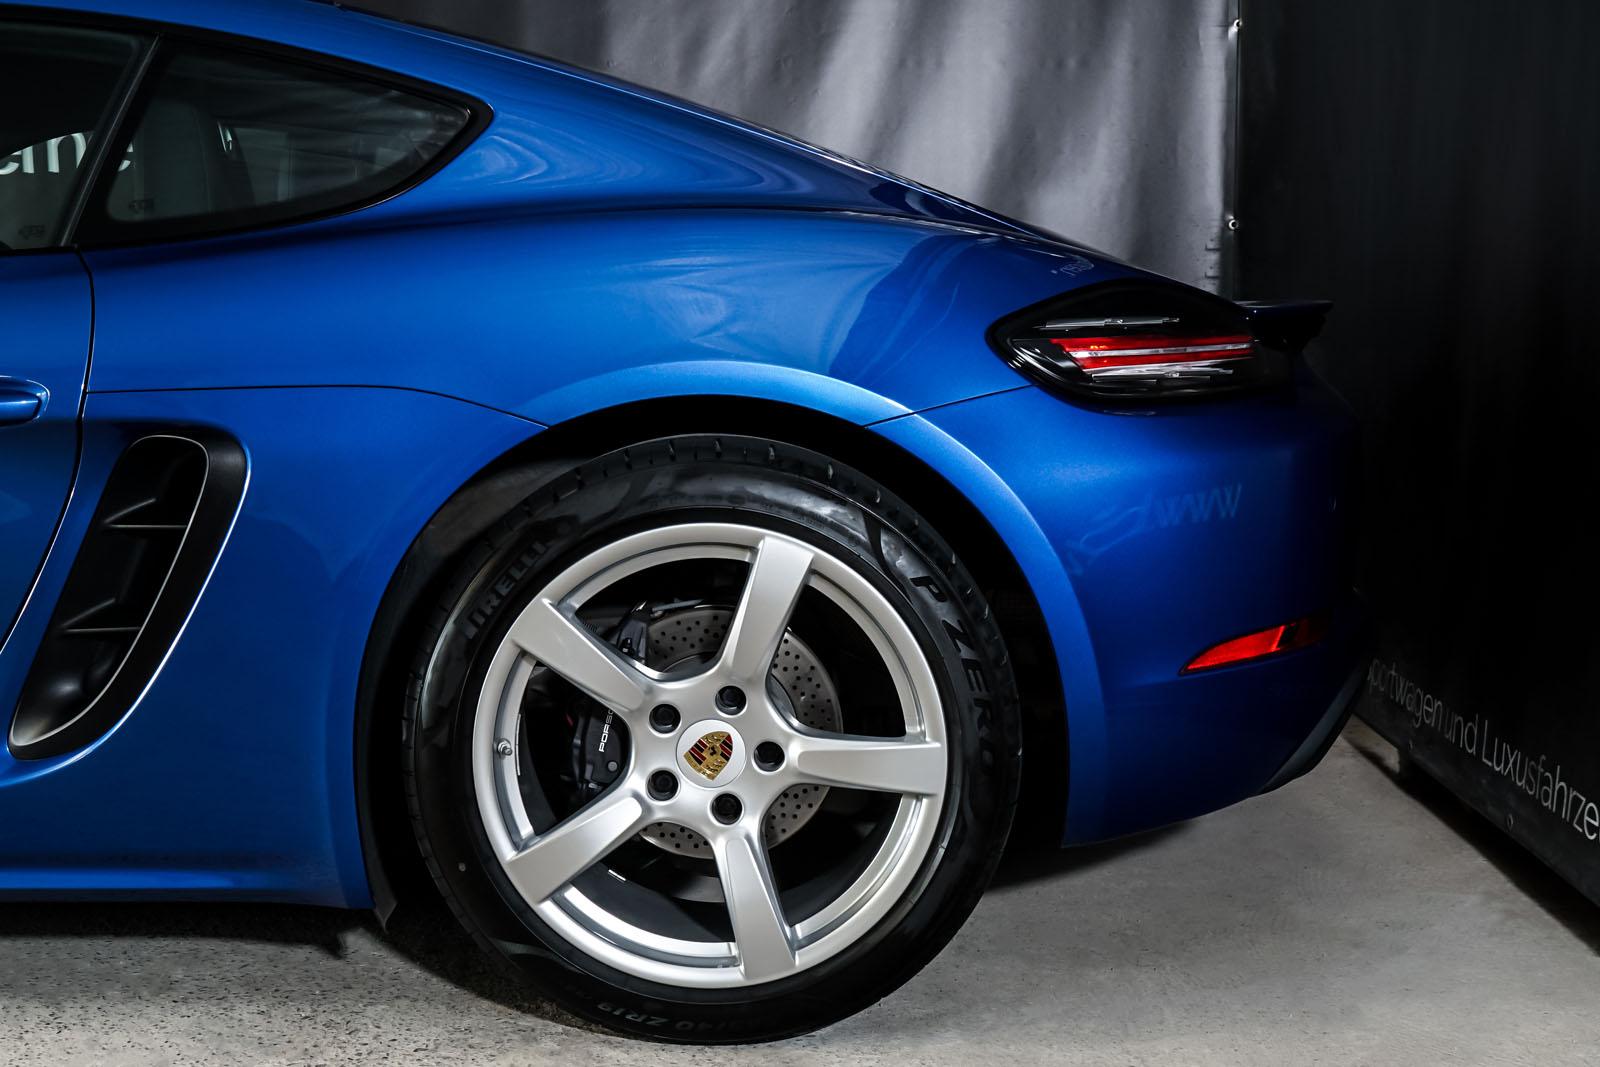 Porsche_Cayman_Blau_Schwarz_POR-0613_4_w